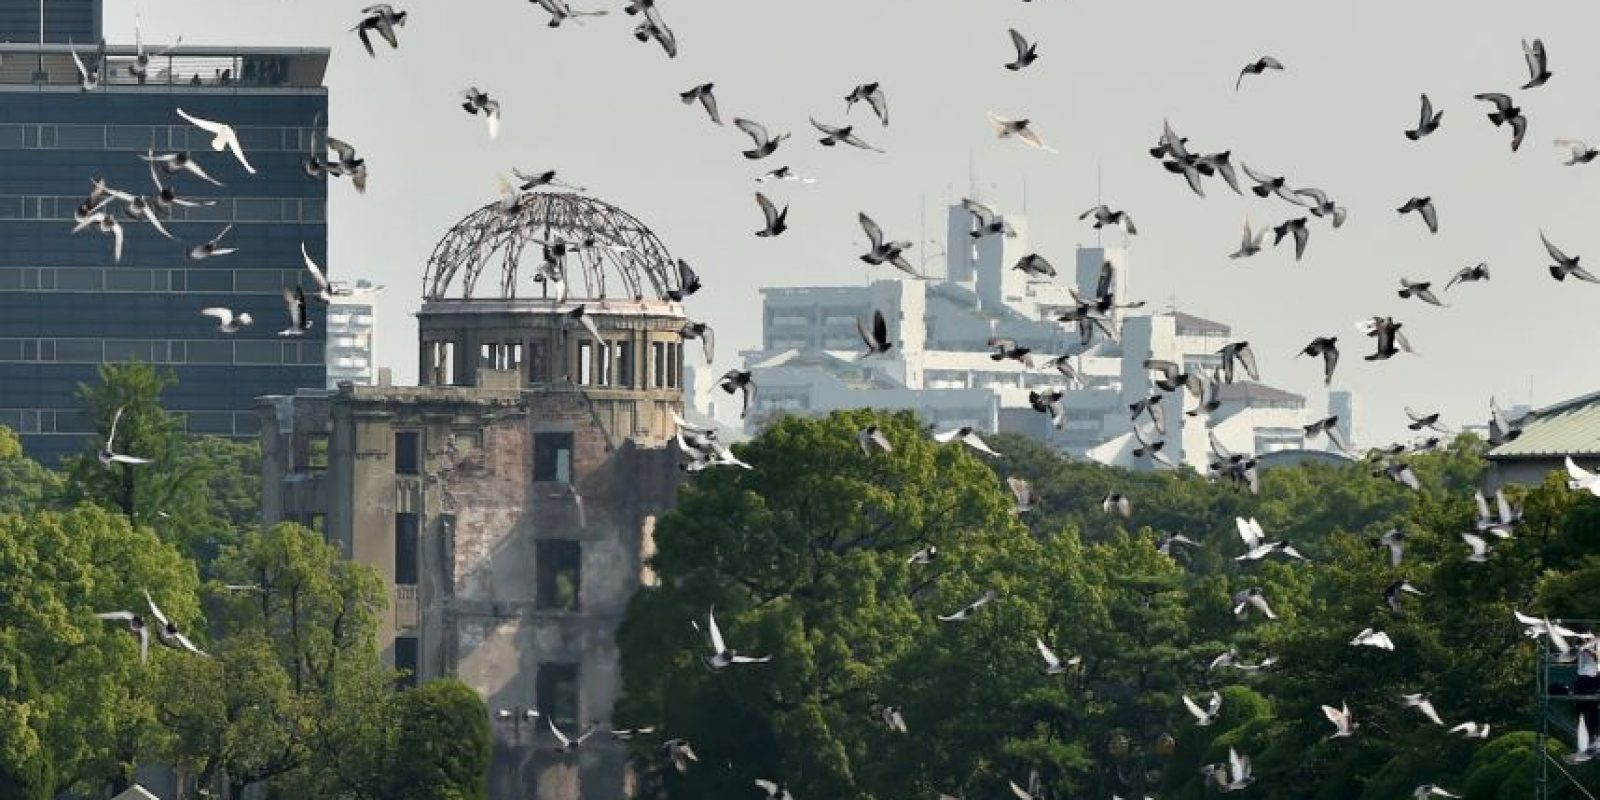 Durante el memorial palomas volaron sobre el parque Monumento de la Paz. Foto:AFP